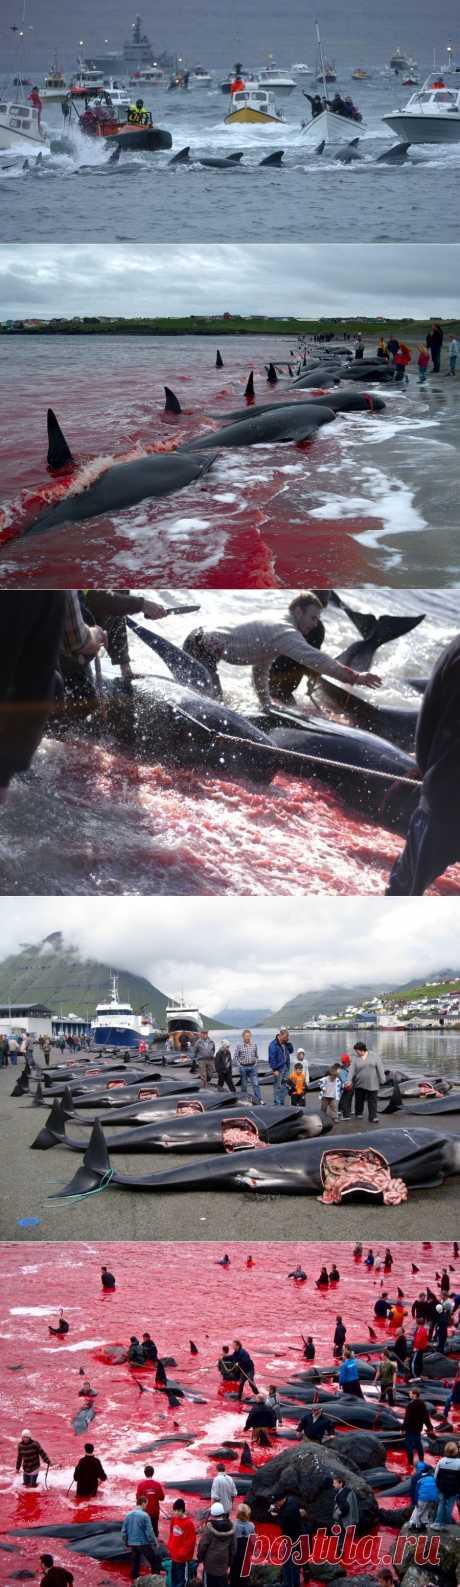 Море крови на Фарерских островах : НОВОСТИ В ФОТОГРАФИЯХ -   Умирающие дельфины оглашают все побережье детским плачем. Они гибнут все - так как не бросают своих сородичей в беде. Кровавые палачи убивают и беременых маток дельфинов, а потом на глазах своих детишек потрошт, вытаскивают и выкидывают уже готовых к жизни дельфинят..... И это цивилизована Европа(((!!!